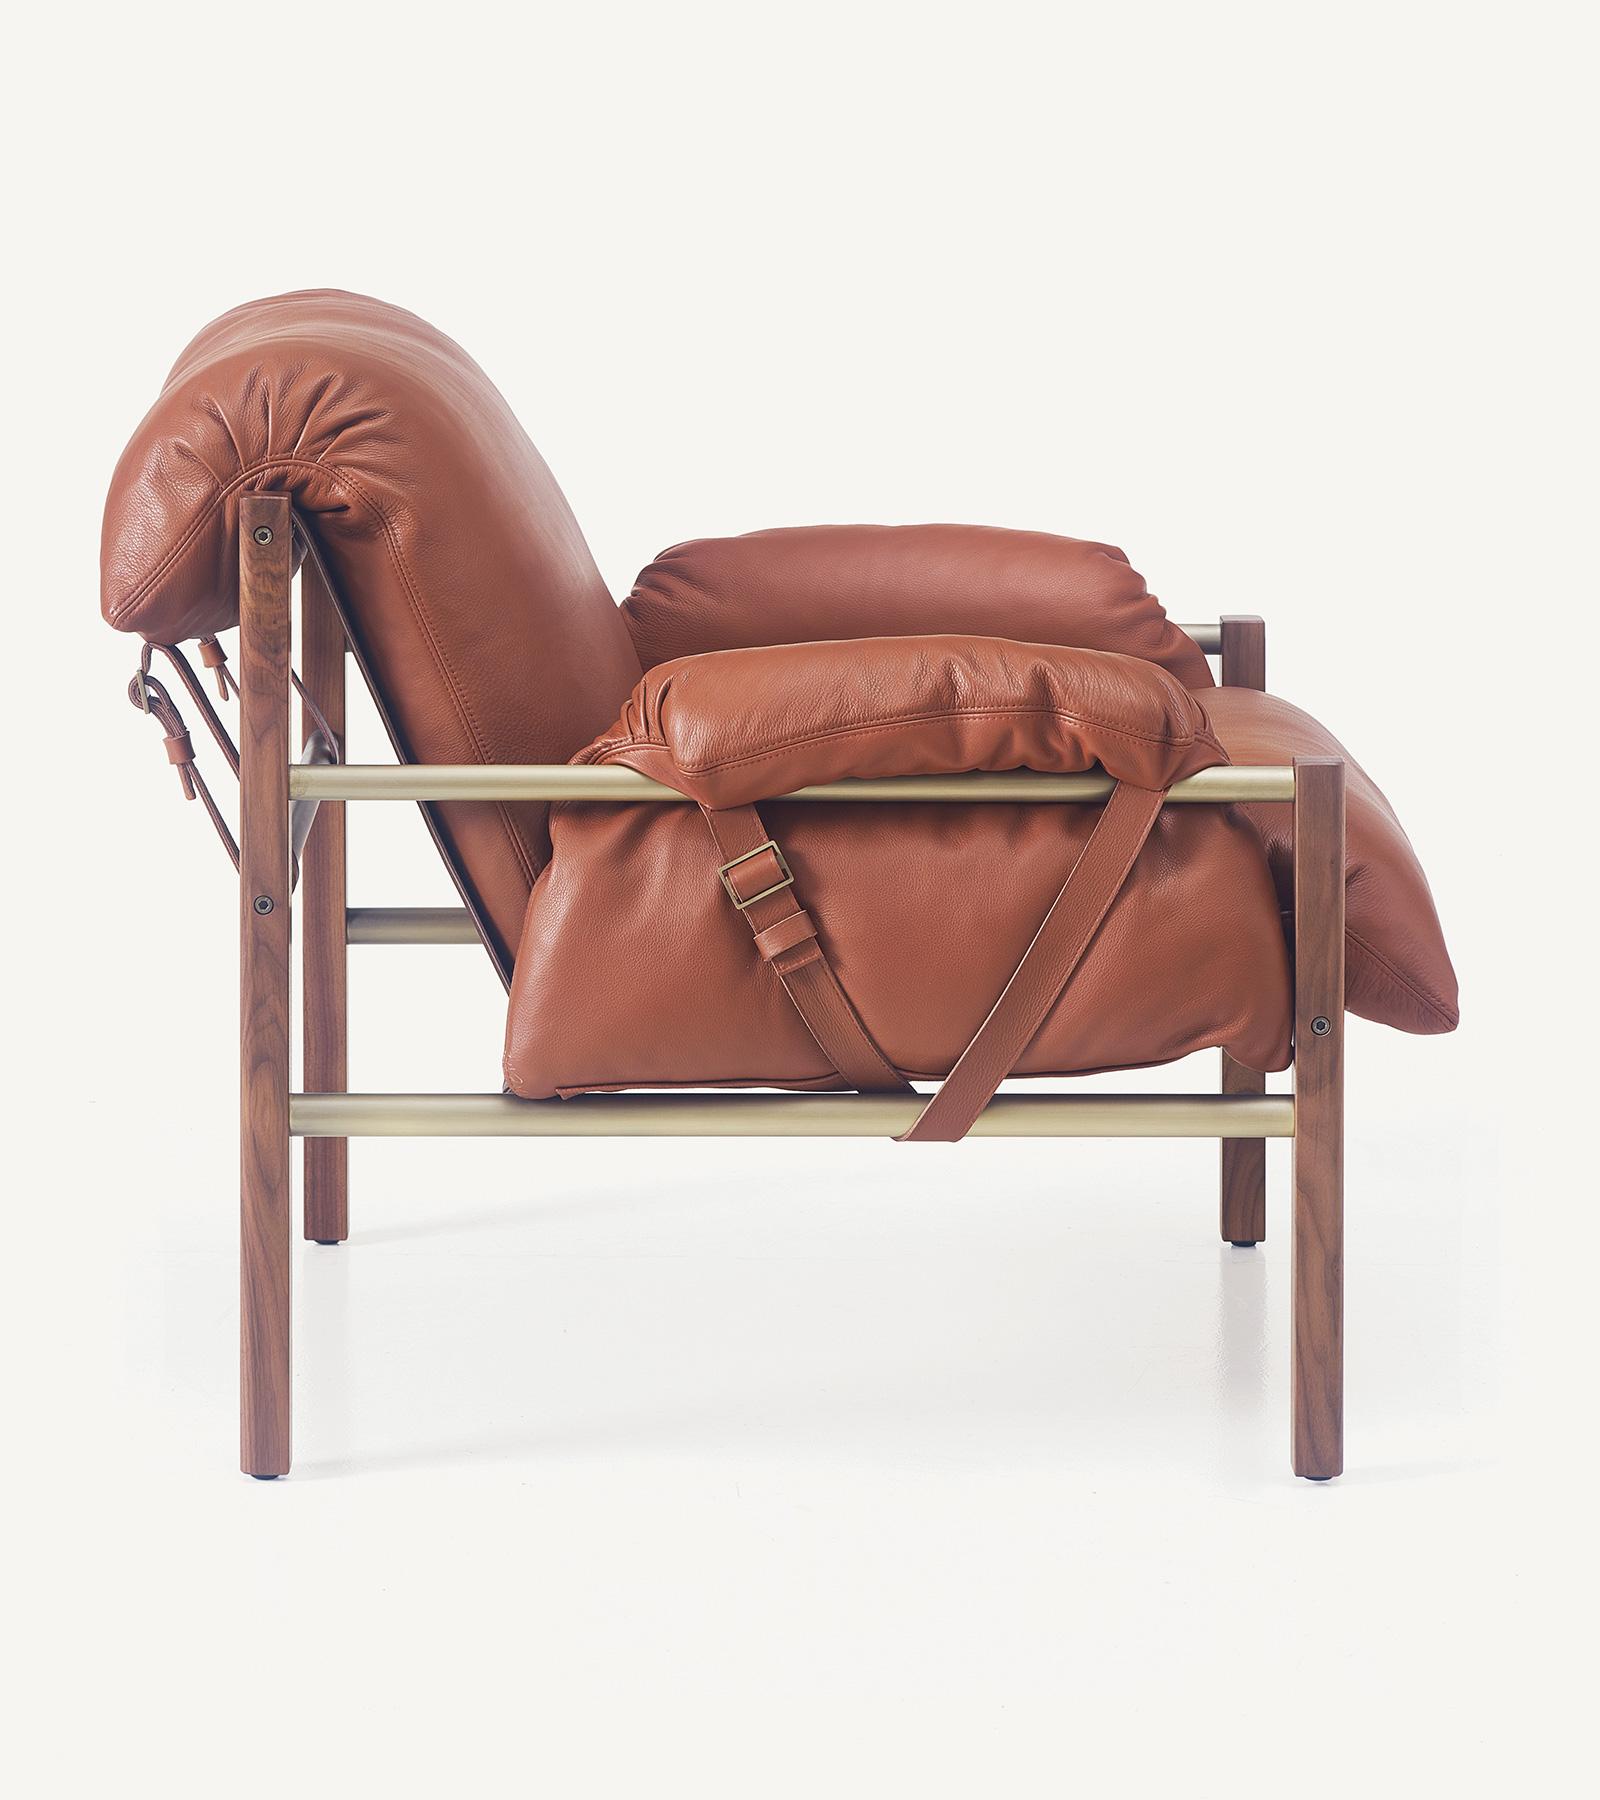 TinnappleMetz-bassamfellows-Sling-Club-Chair-07